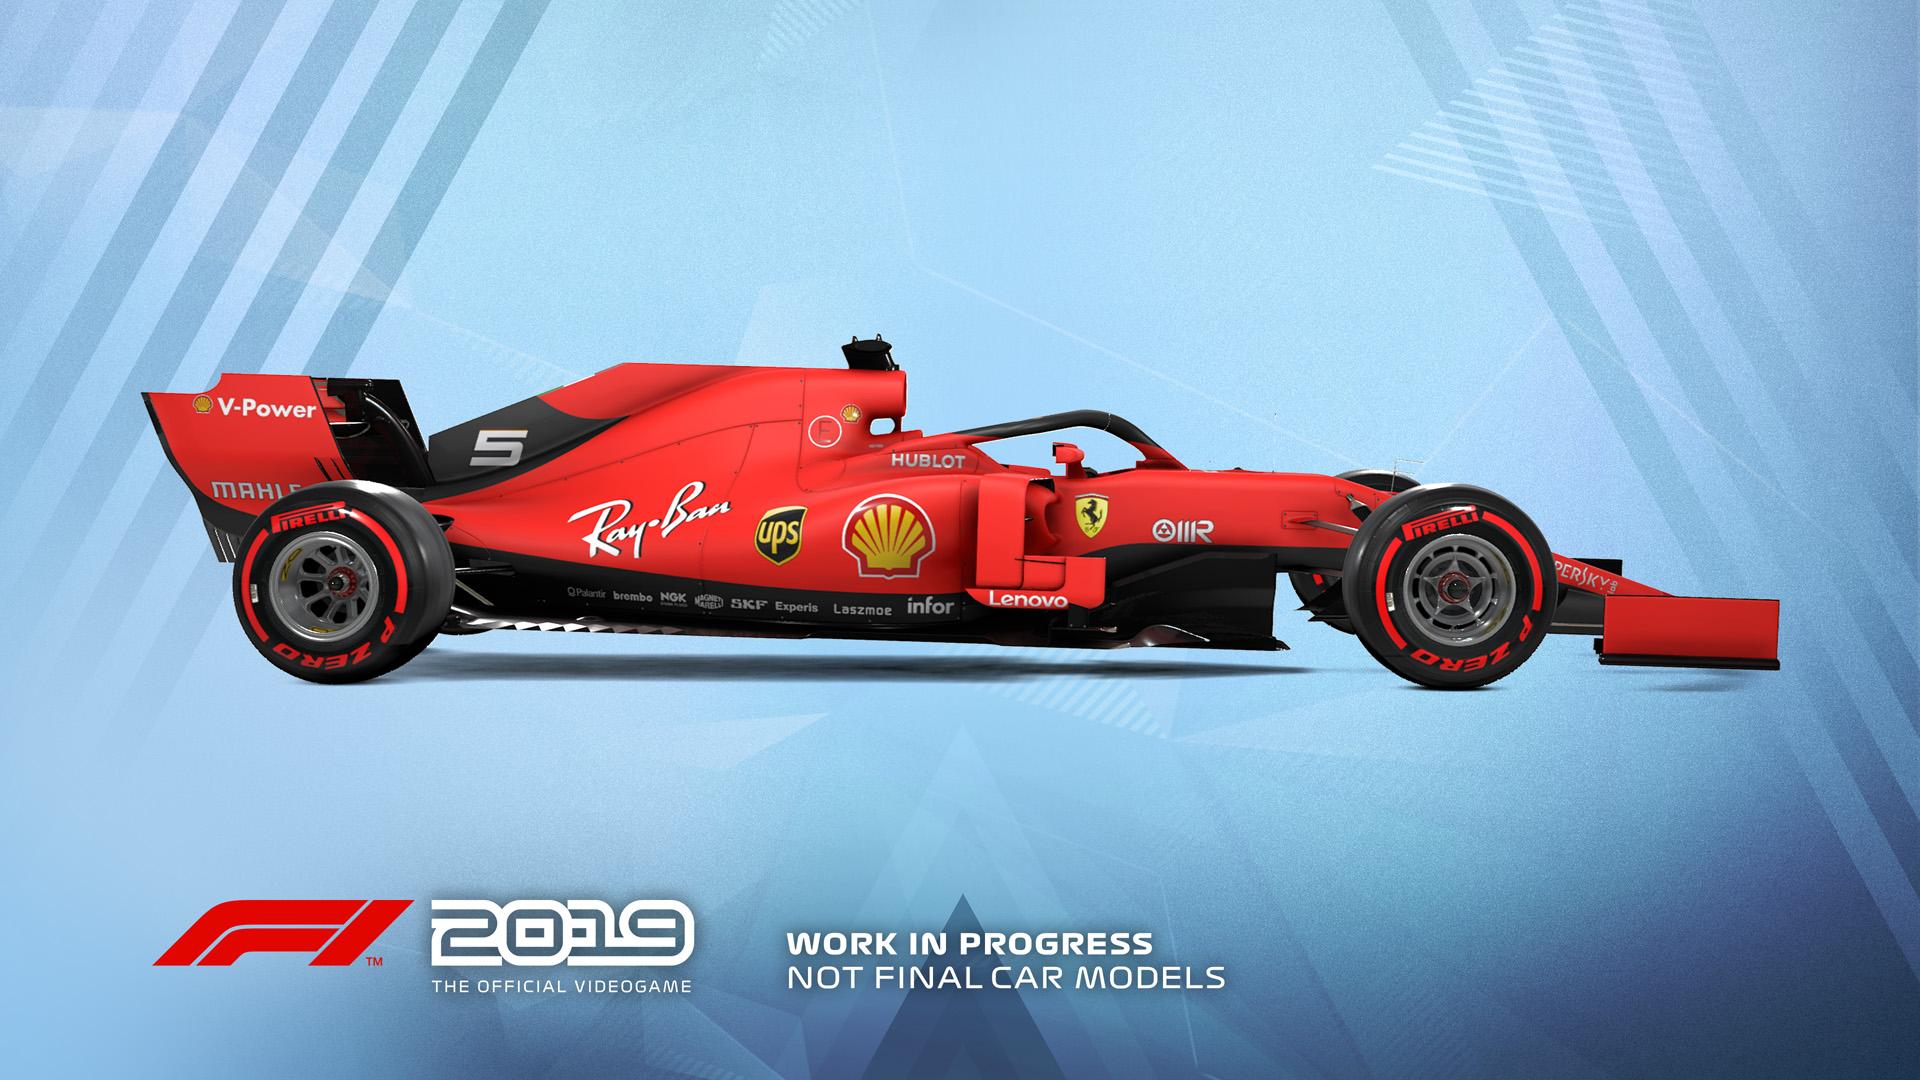 一級方程式賽車F1 2019, 2019 FIA FORMULA ONE WORLD CHAMPIONSHIP, PS4, Xbox One, PC, GSE,